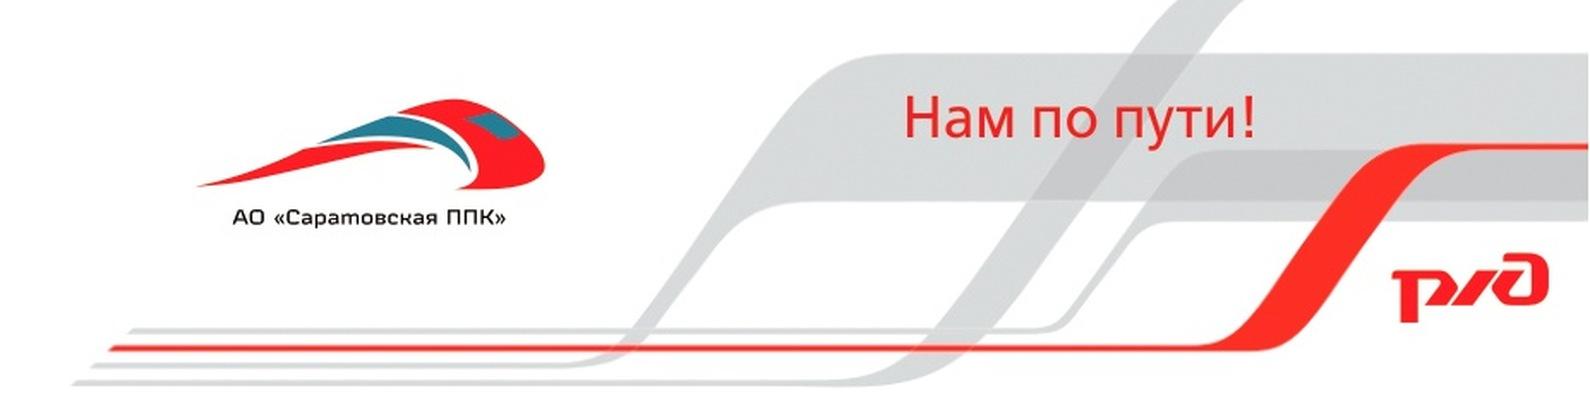 Официальный сайт саратовской пригородной пассажирской компании официальный сайт страховой компании макс в воронеже